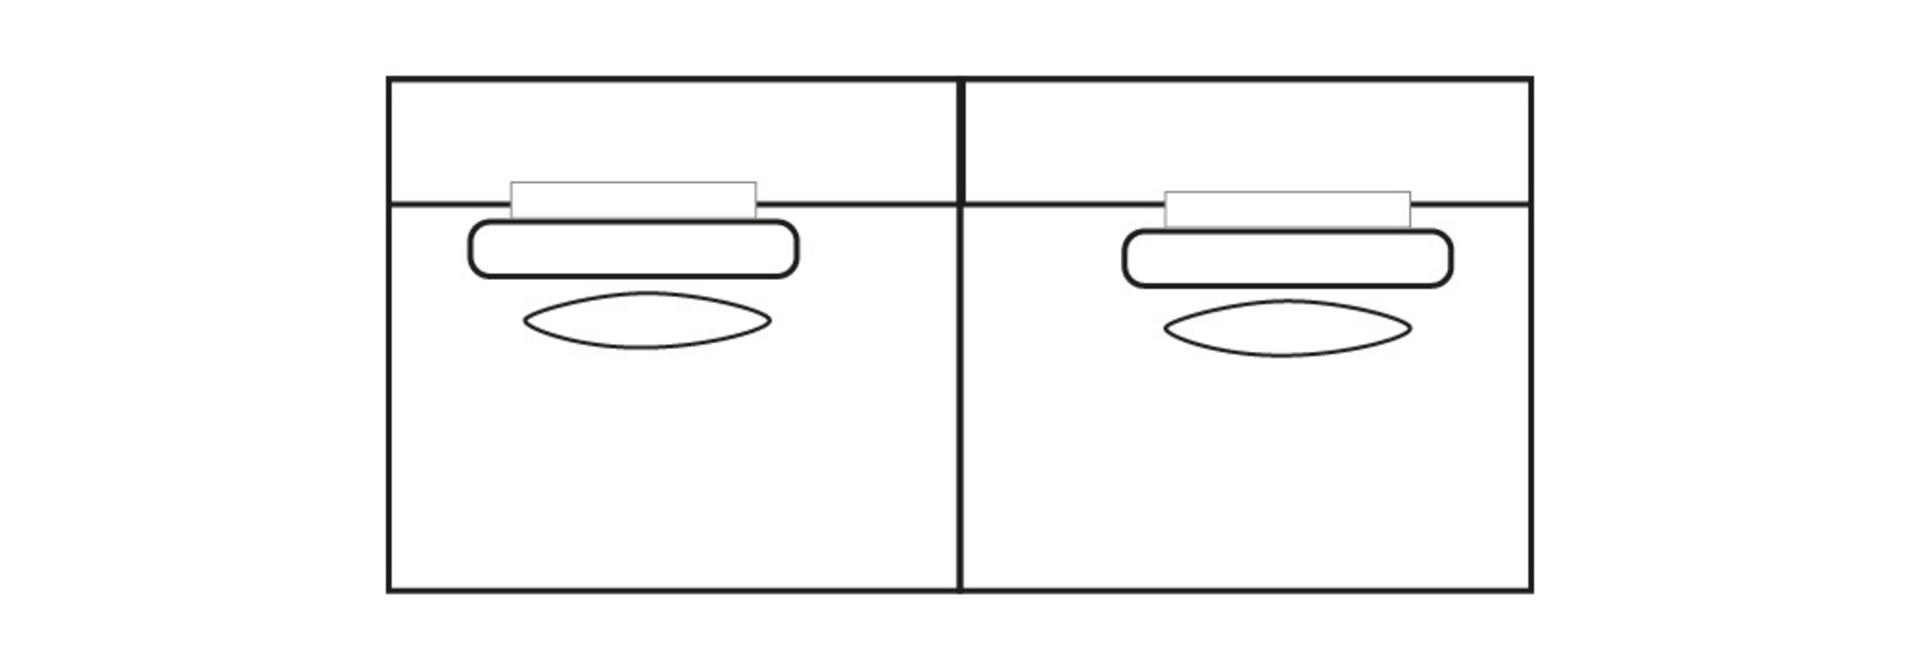 ELEGANT PARK 3-zits L (zonder armen)